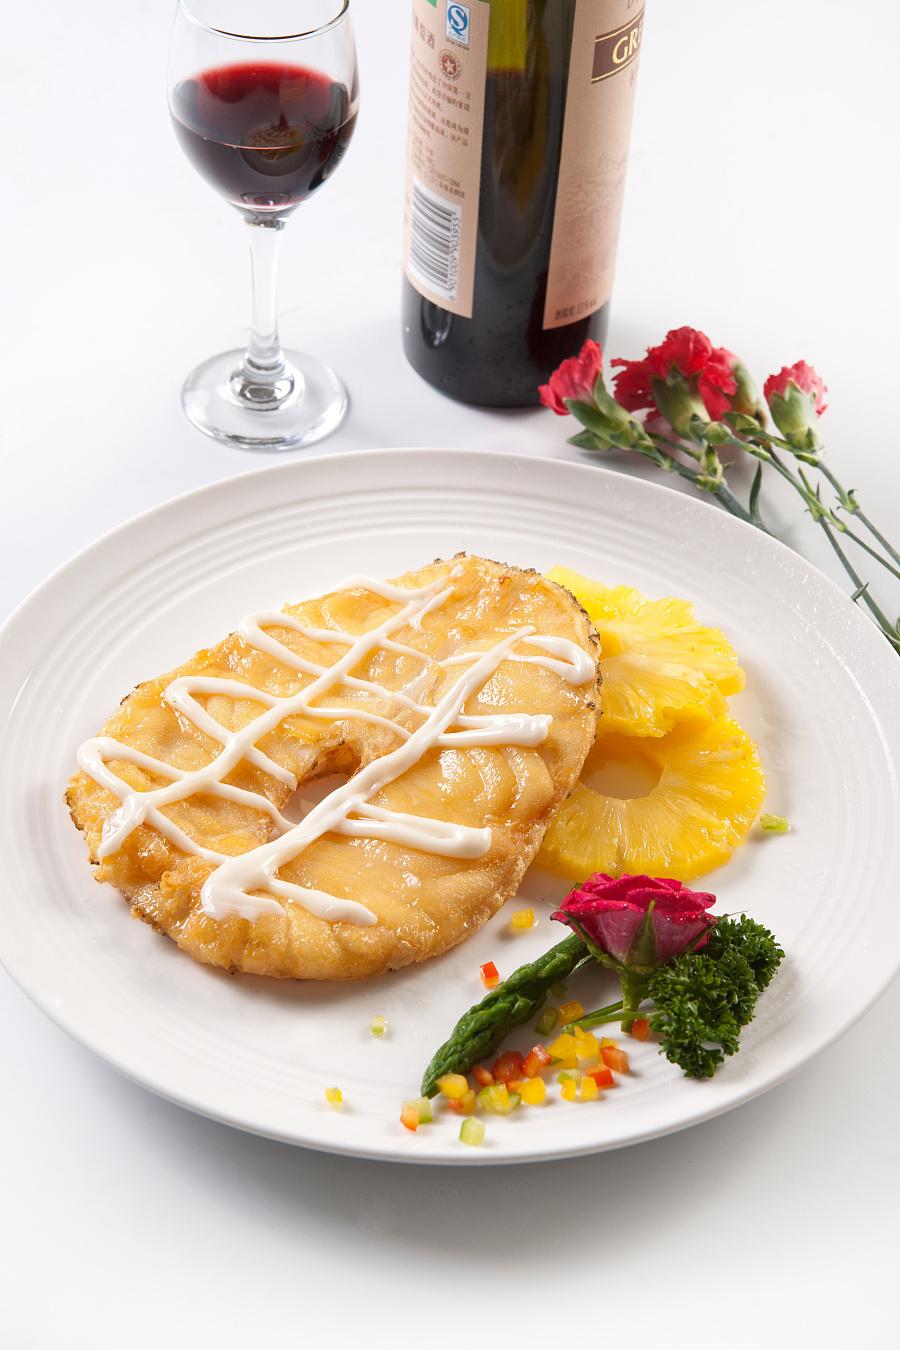 照片菜品菜谱图片点击有分享的来拿需要酒店筒骨汤糖粉高吗图片